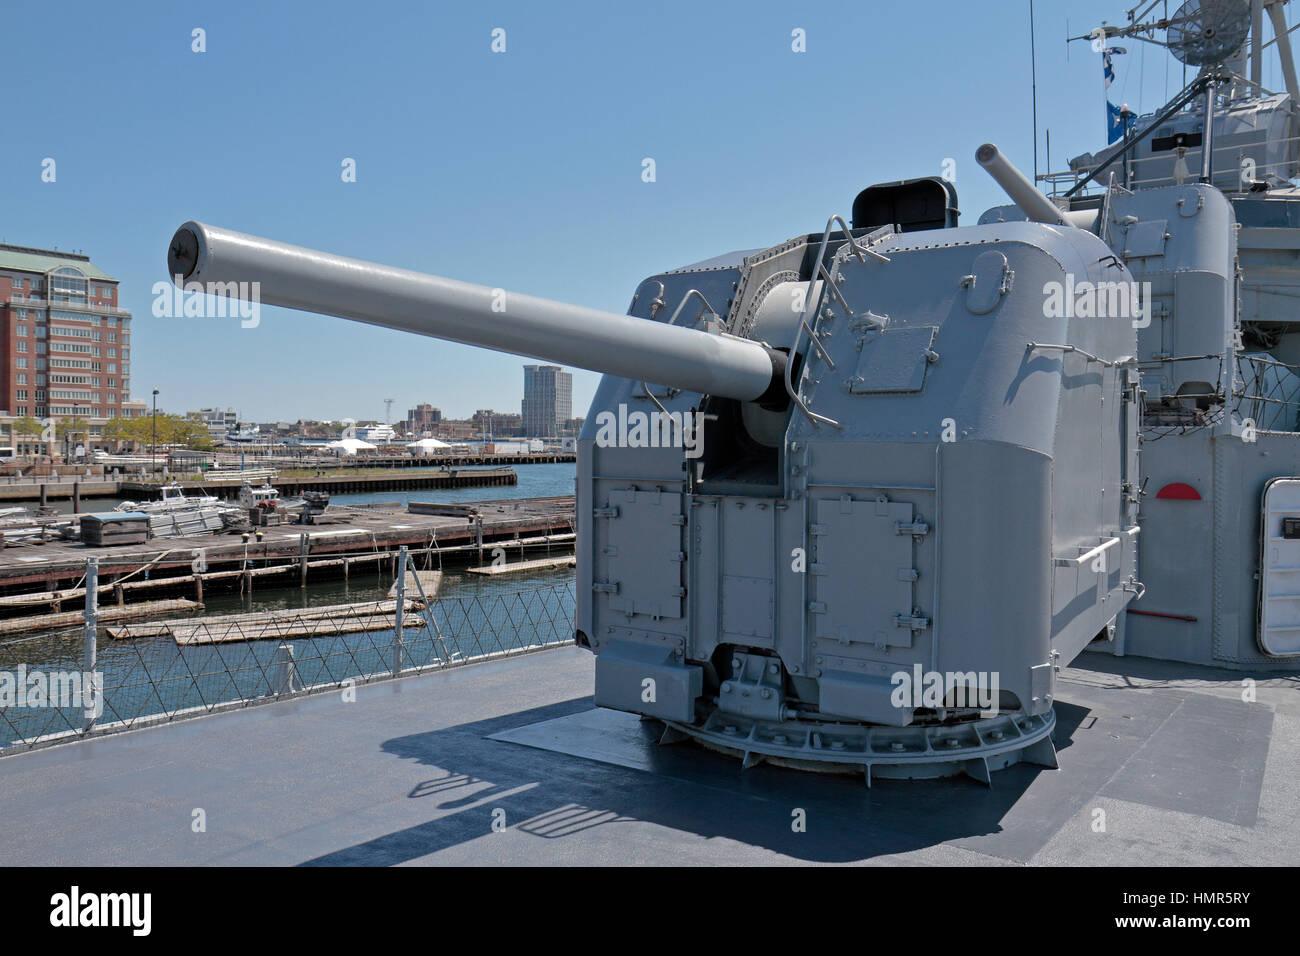 Artillery Yard Stock Photos & Artillery Yard Stock Images - Alamy